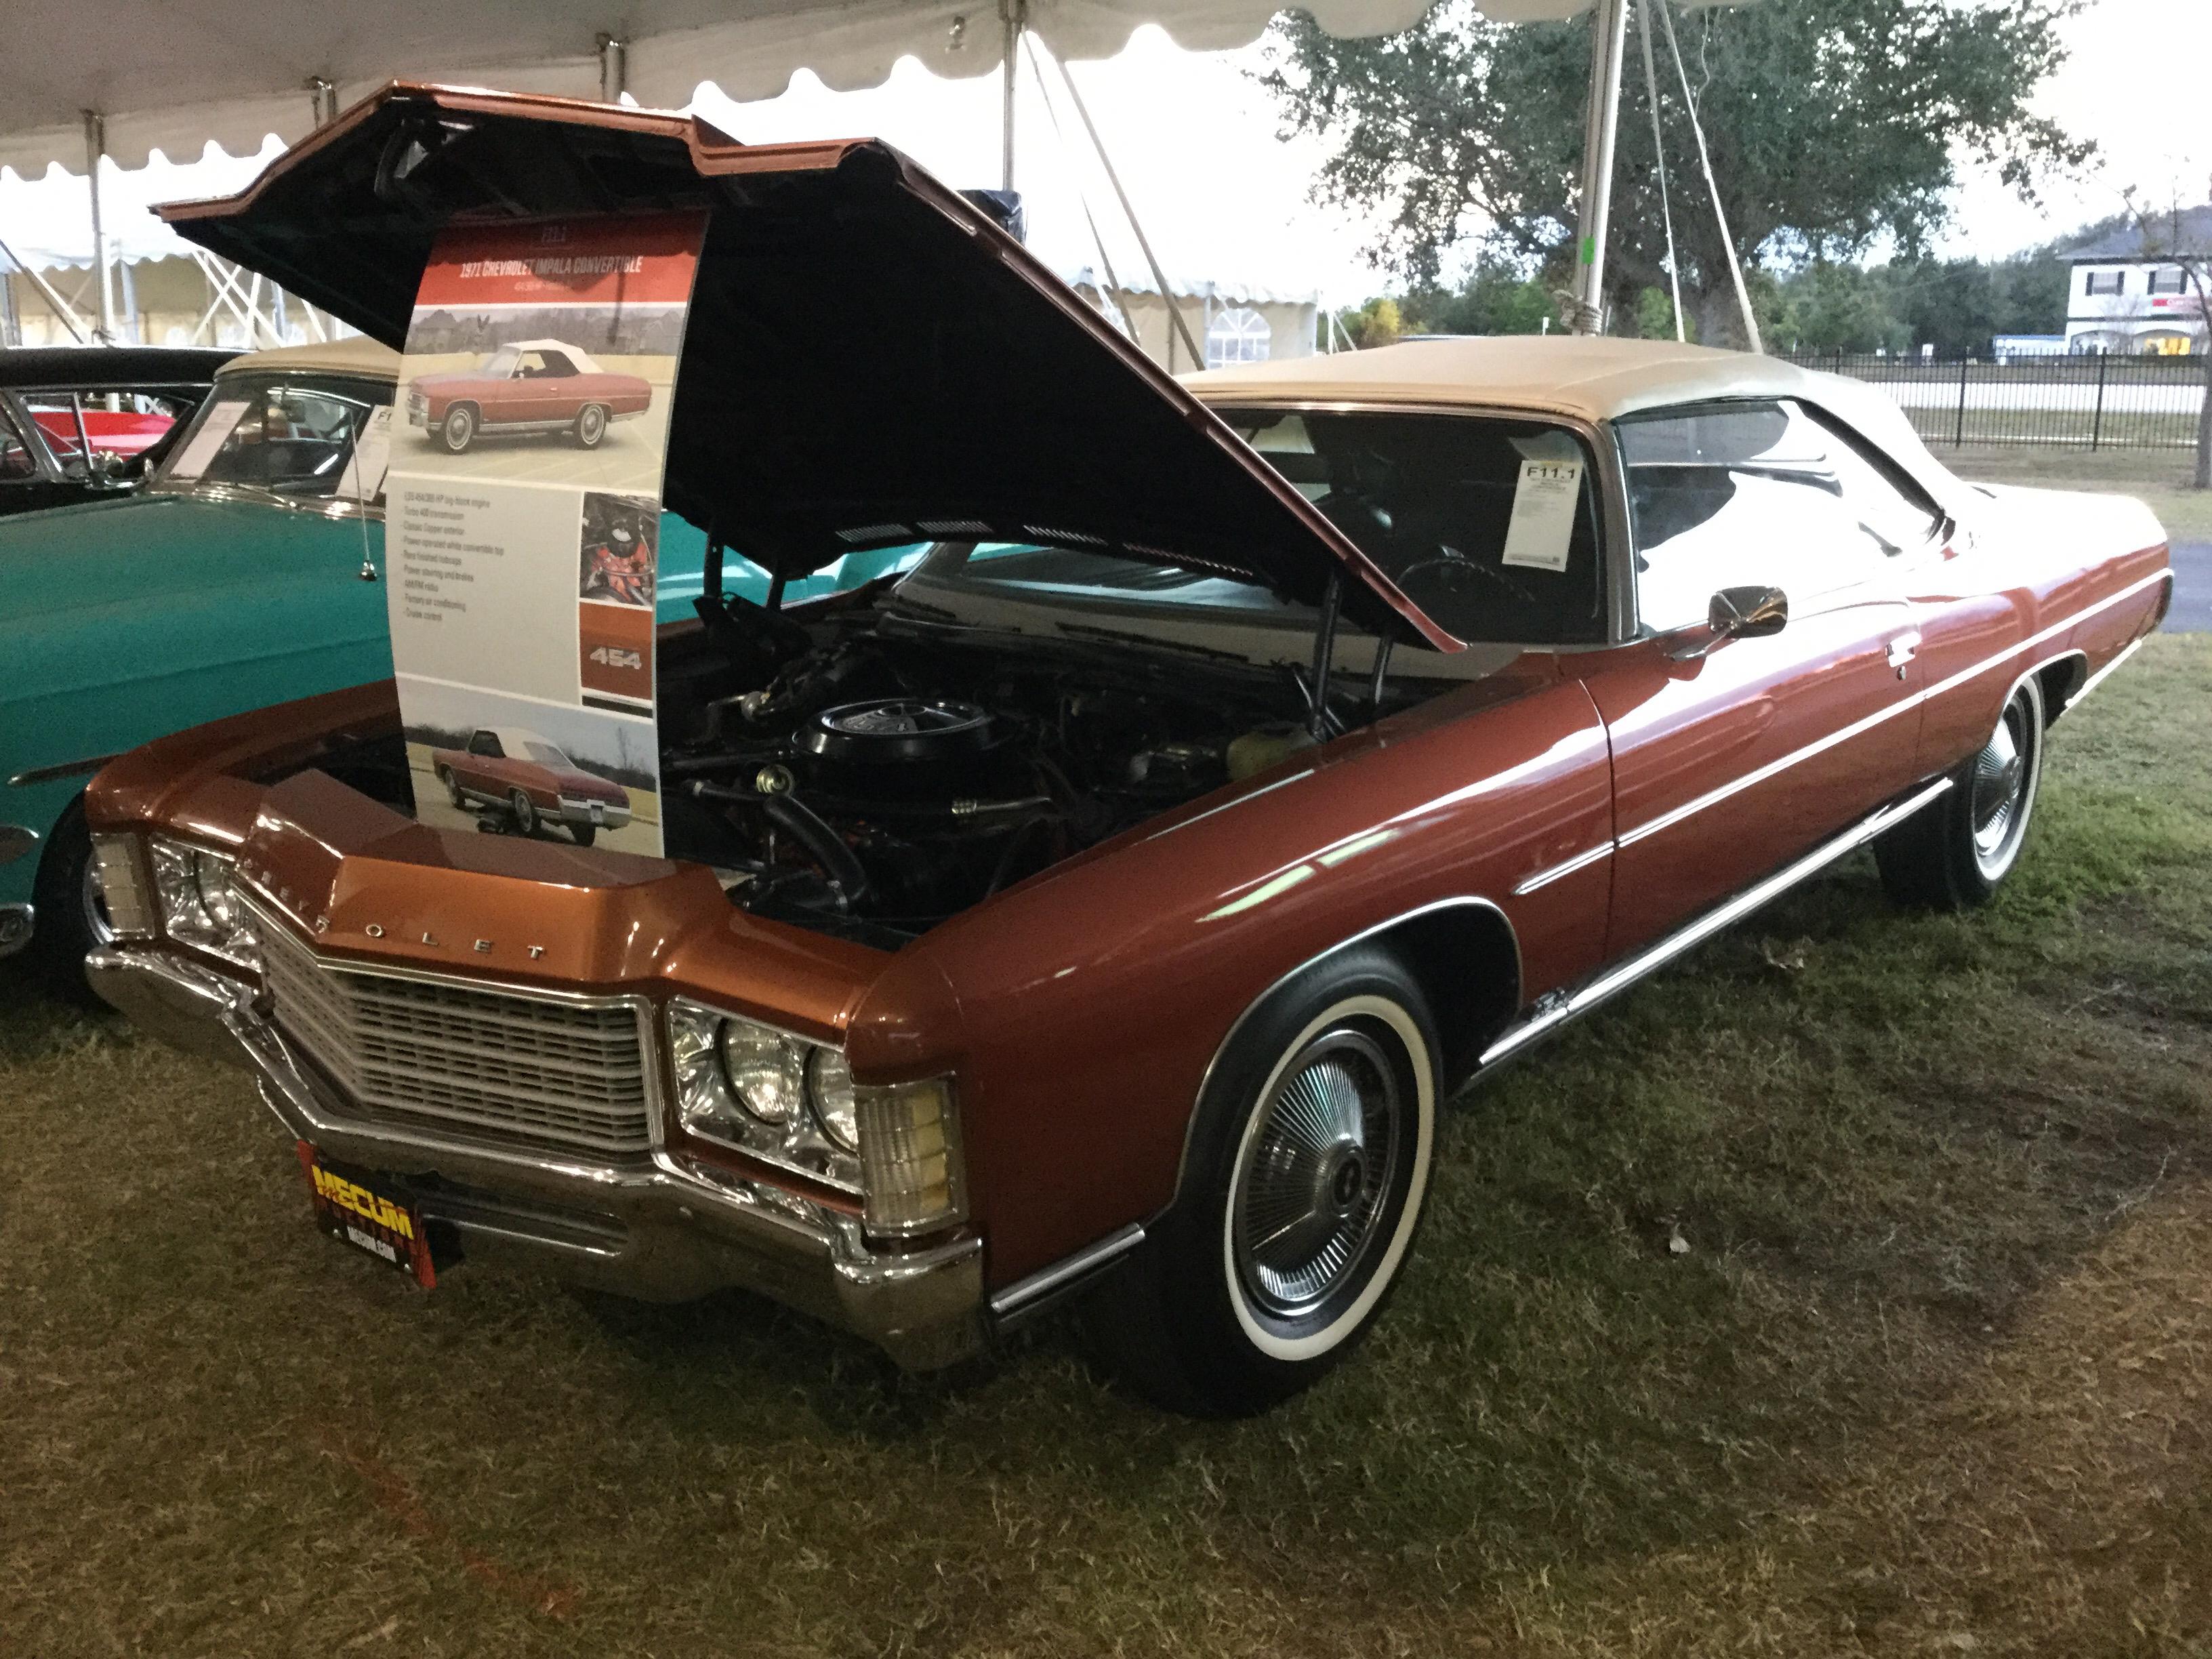 1971 Chevrolet Impala Values Hagerty Valuation Tool